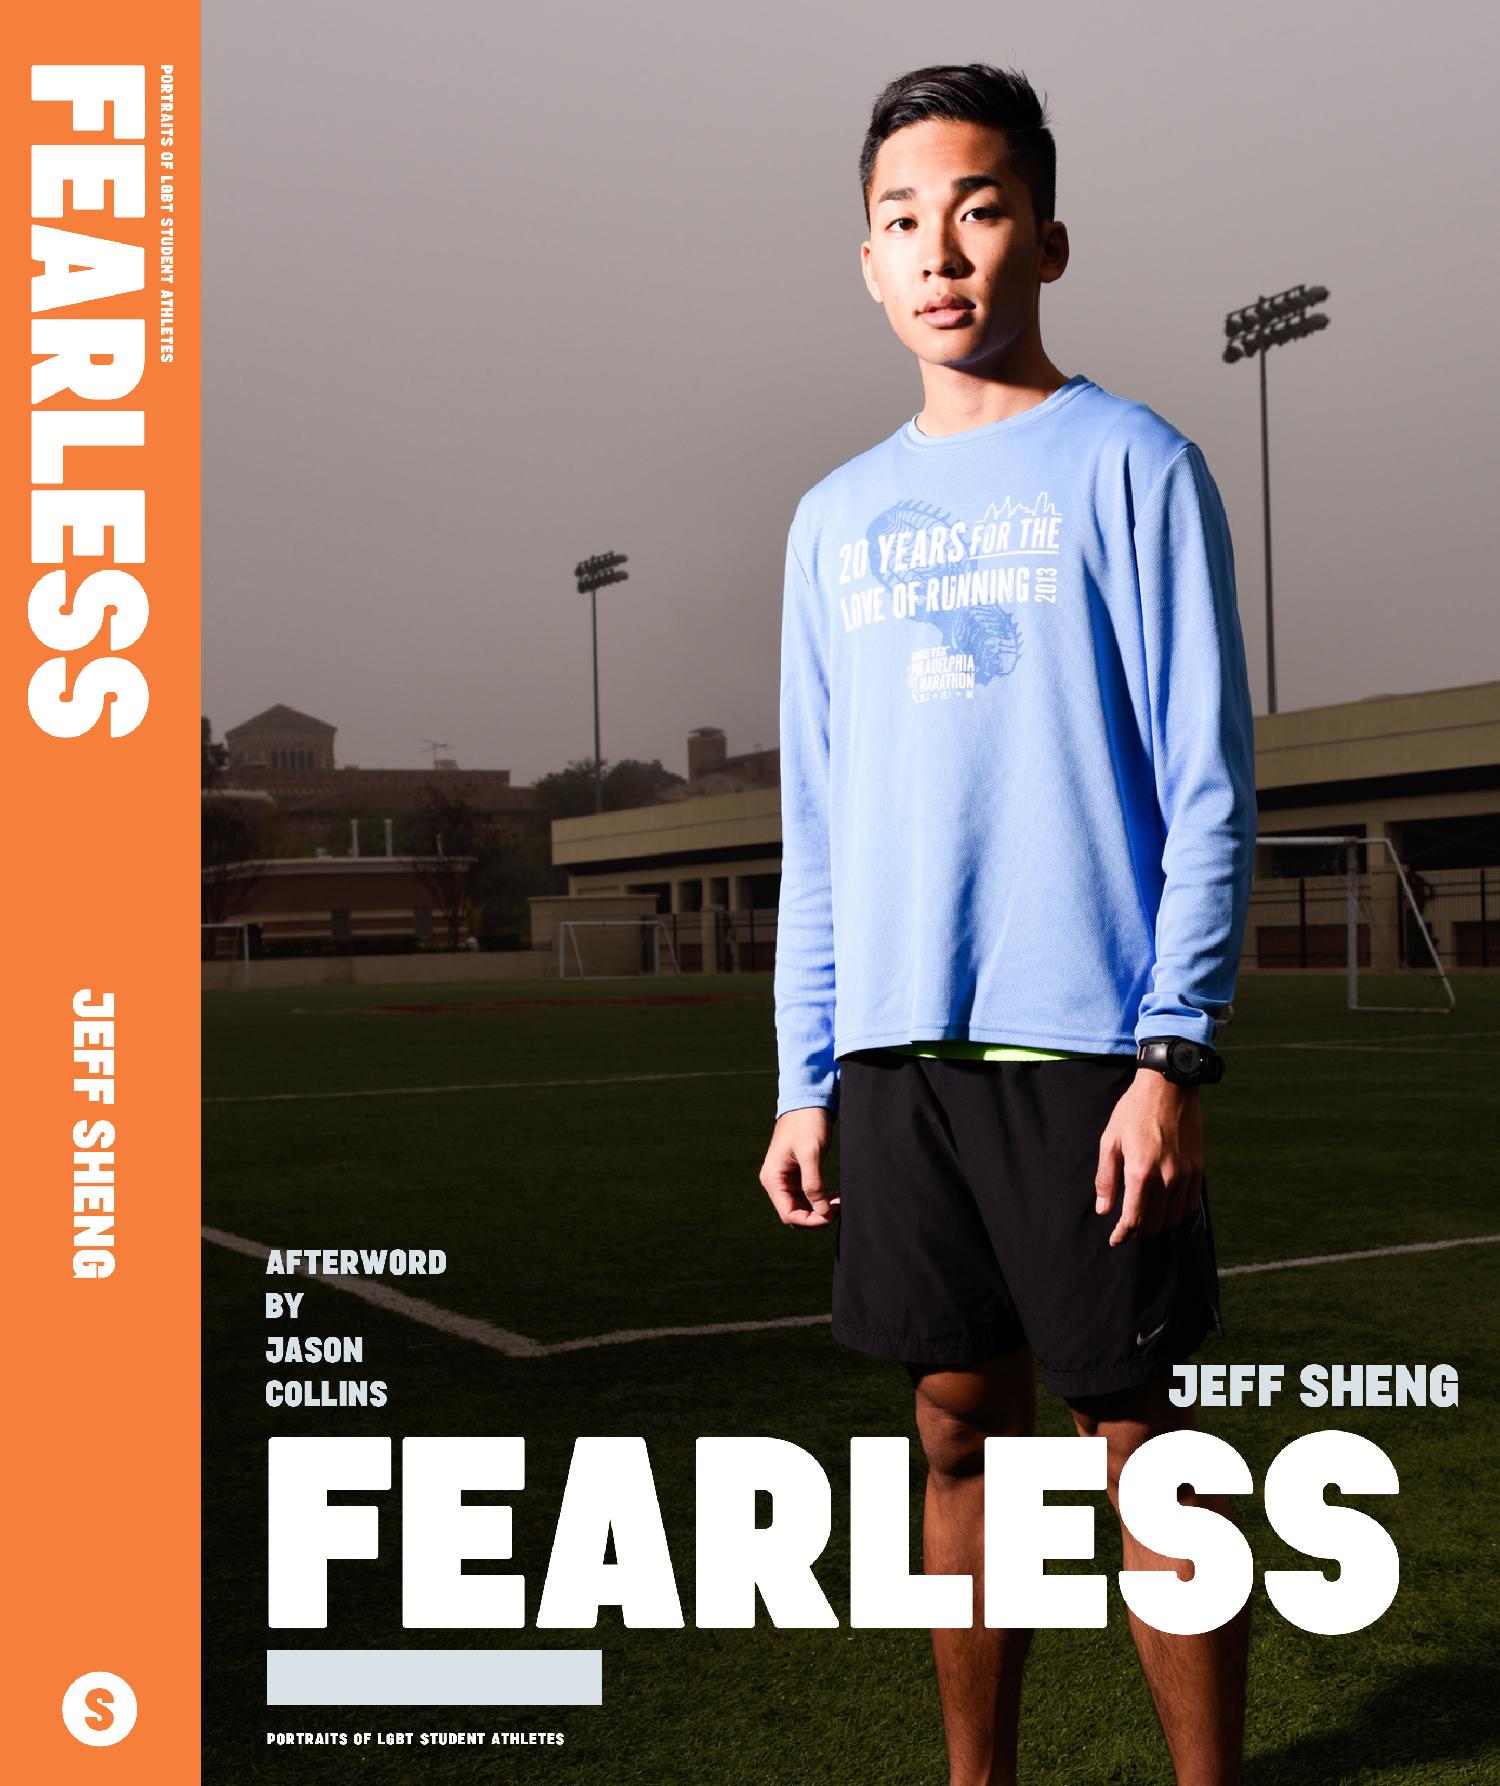 Fearless_Covers_crop.pdf-6-web-1500.jpg